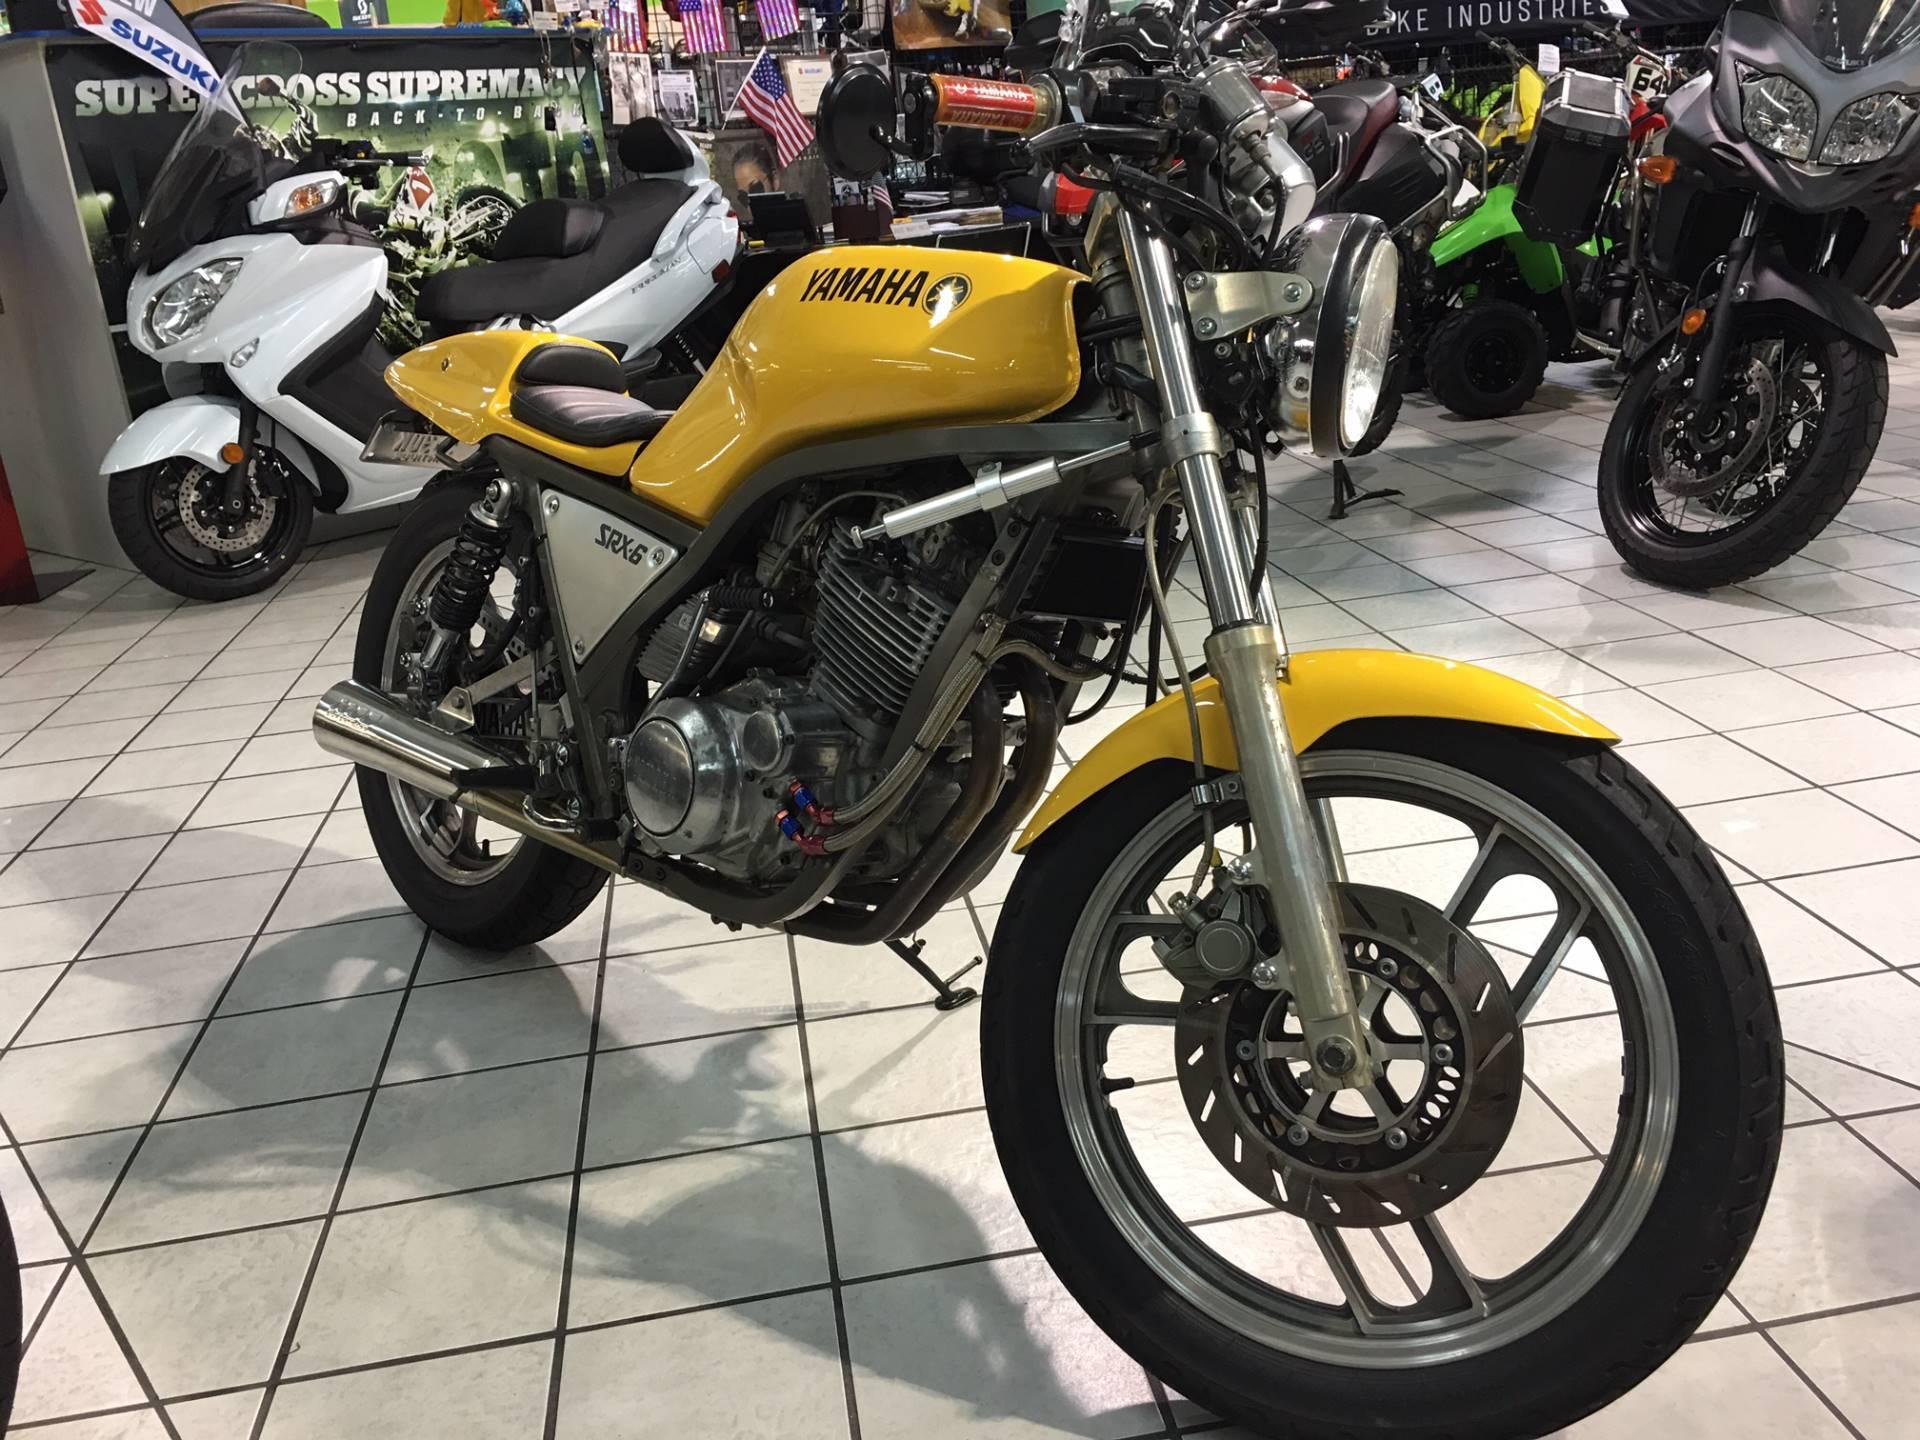 1986 SRX600S